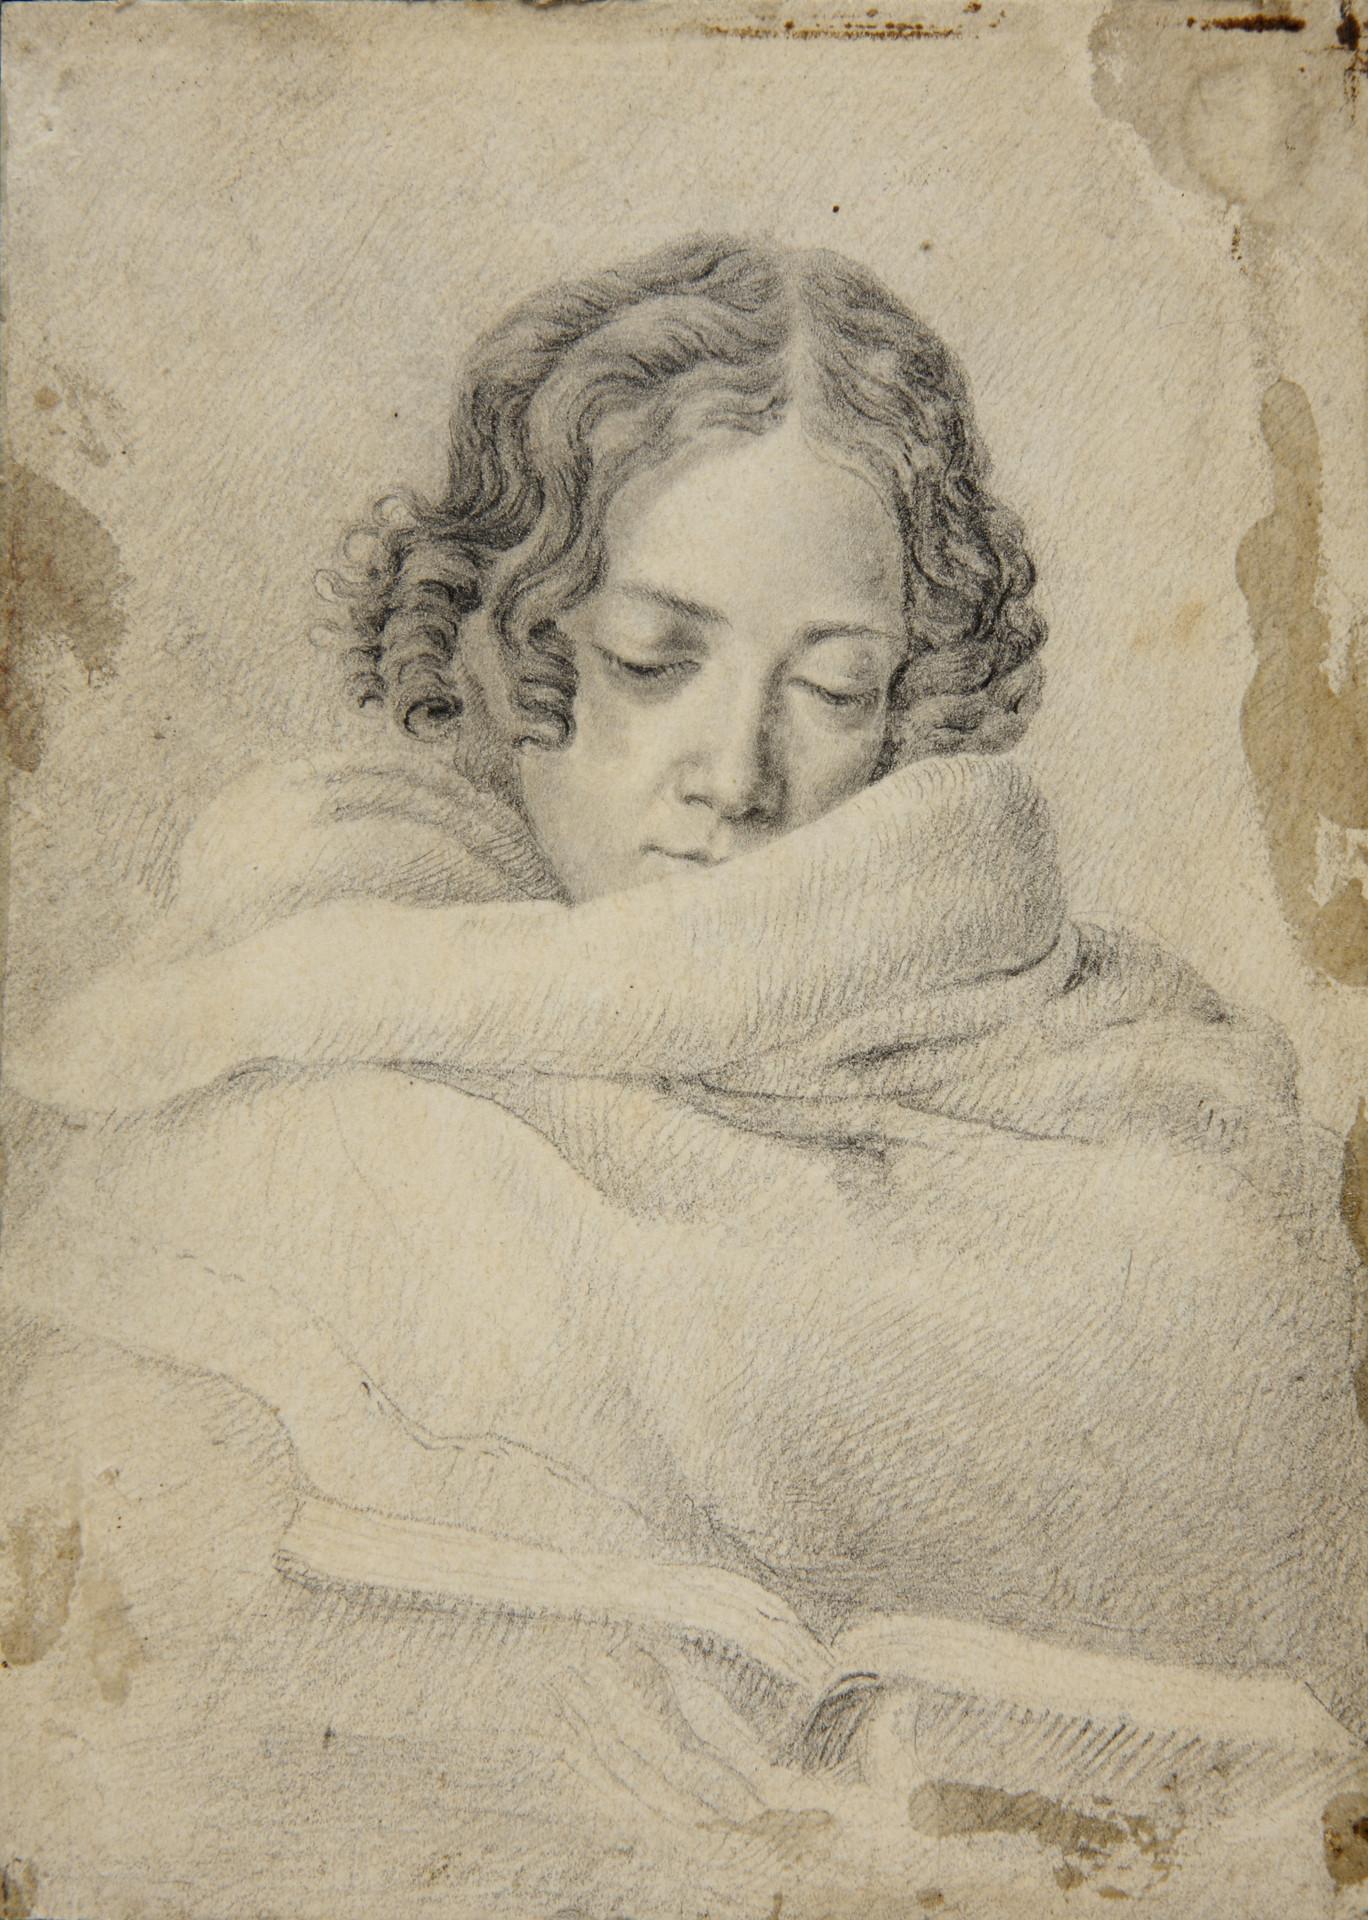 Bettine Brentano, Zeichnung von Ludwig Emil Grimm, um 1809